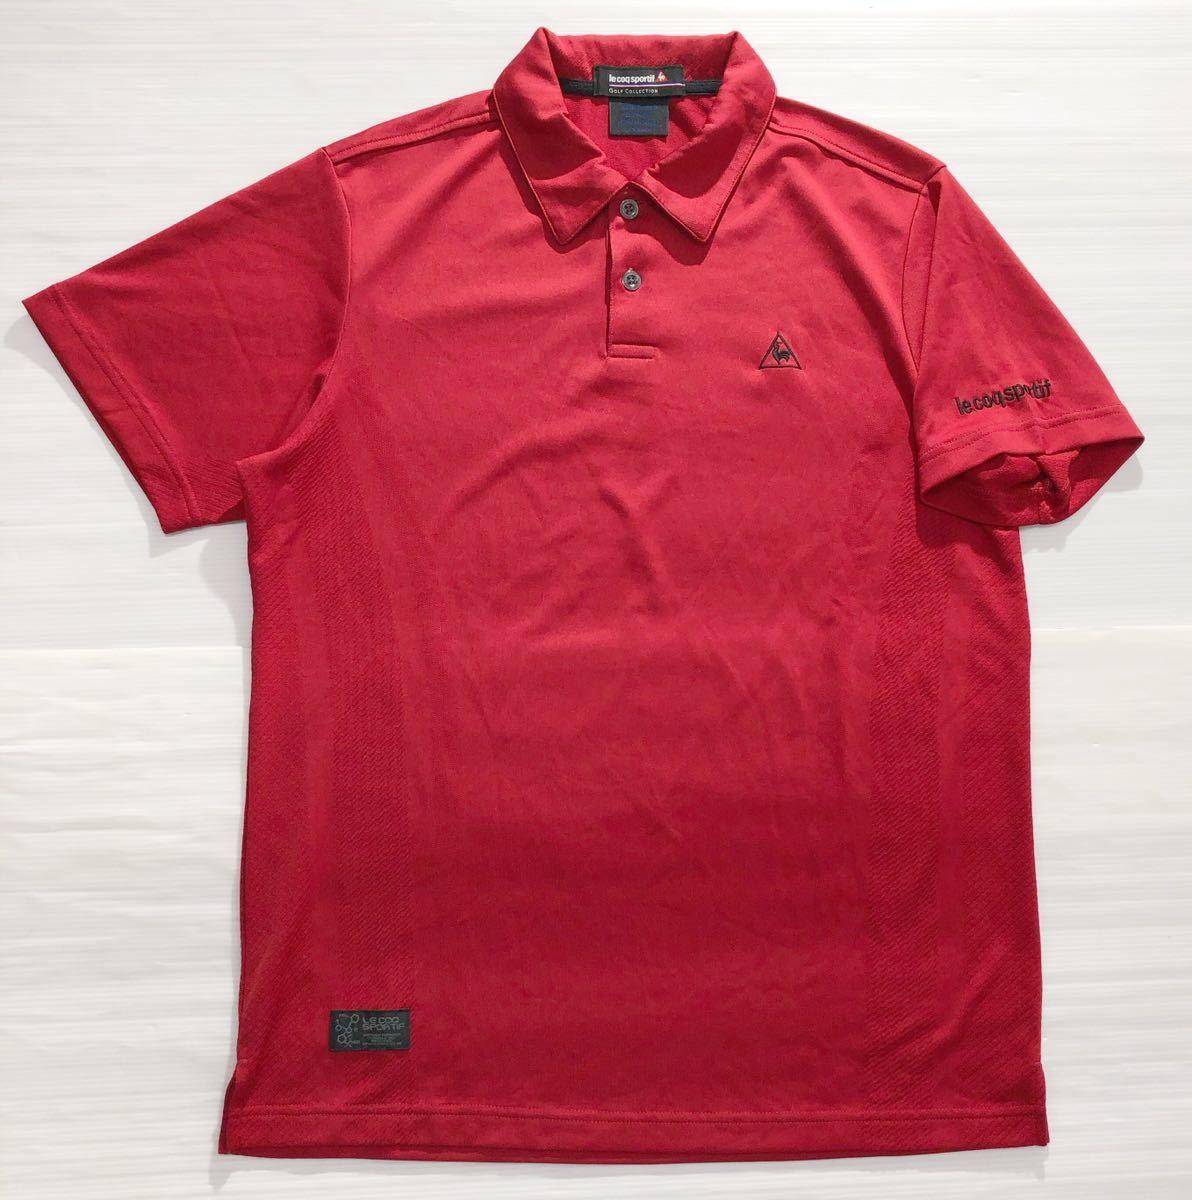 《le coq sportif GOLF ルコックゴルフ》ロゴ刺繍 半袖 ポロシャツ レッド_画像1